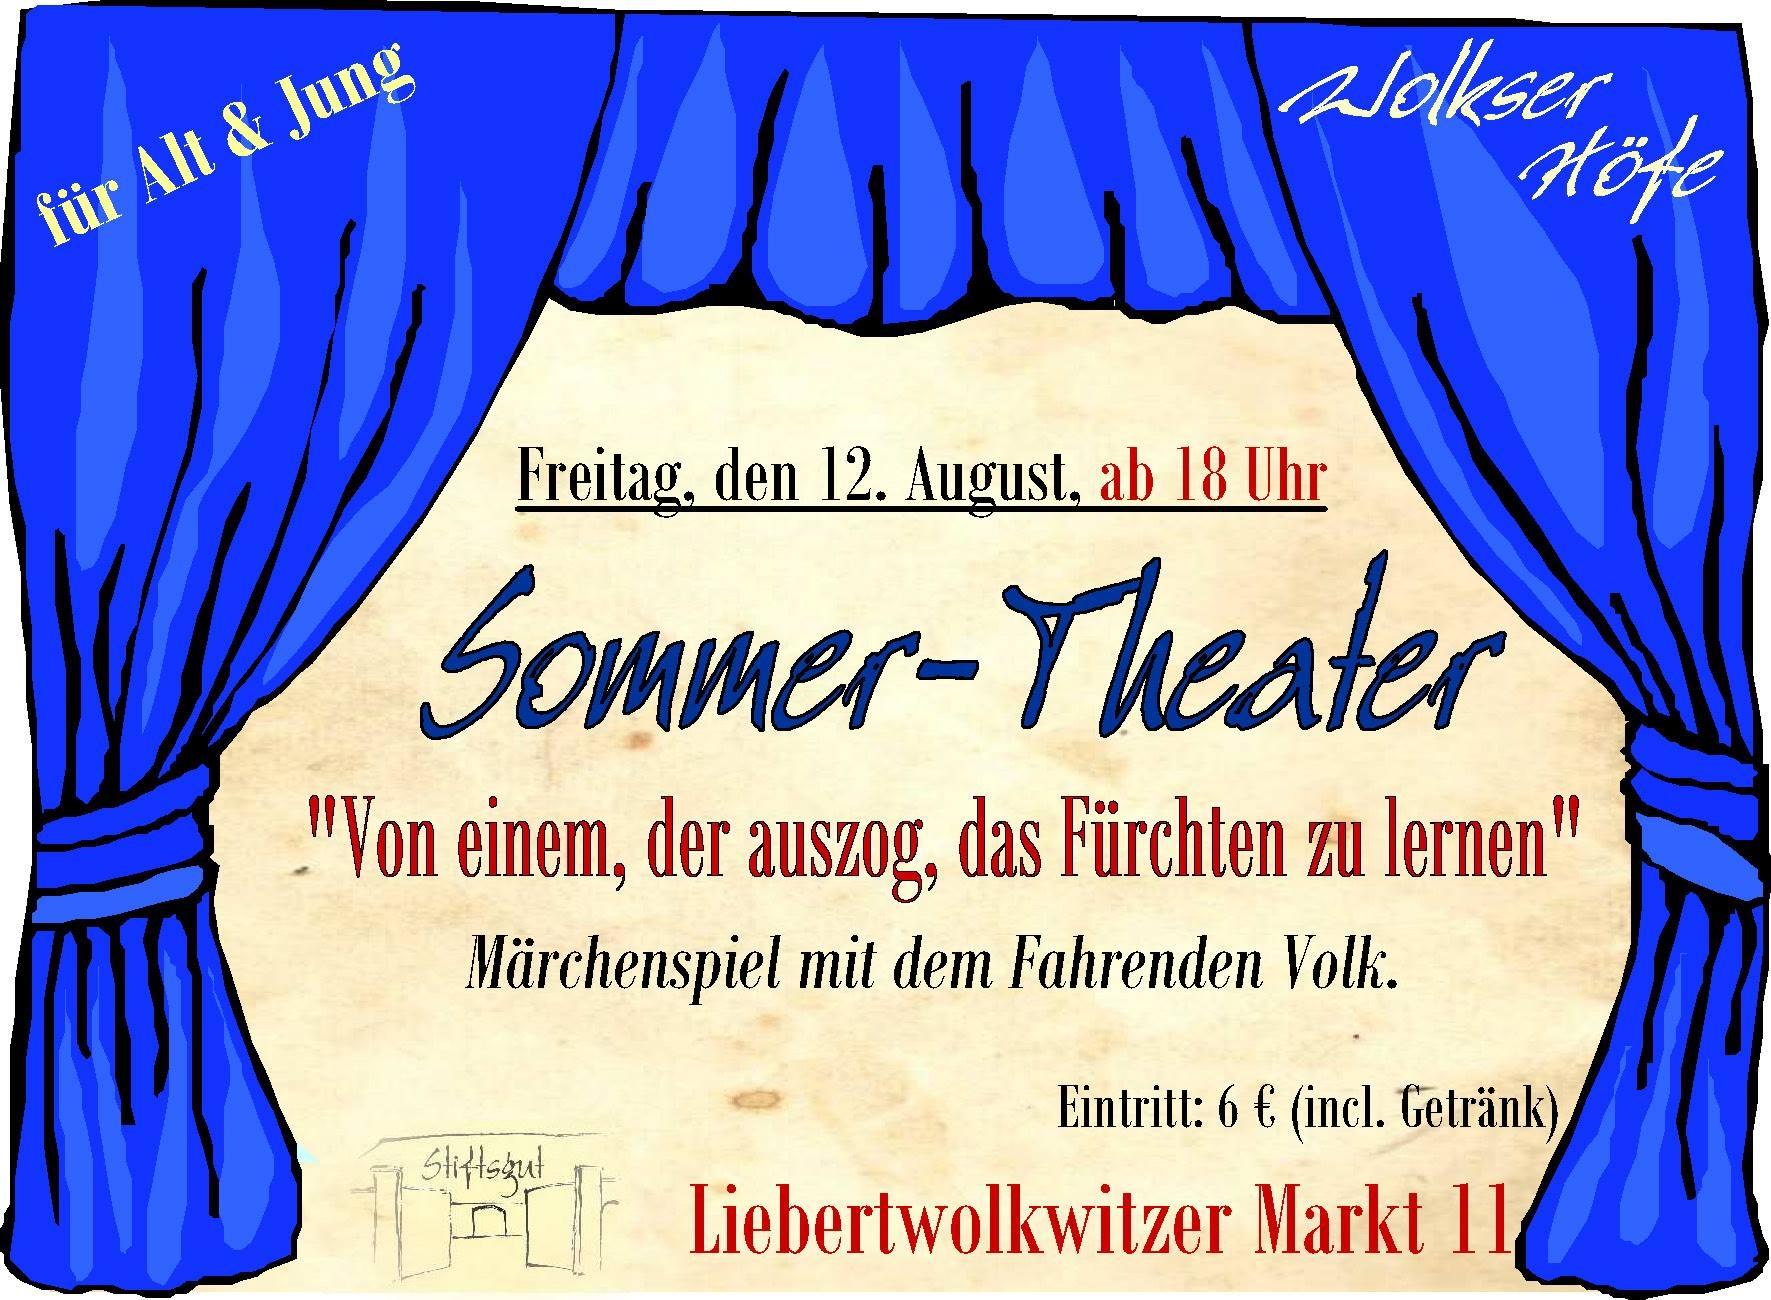 Sommertheater 2016 -  Liebertwolkwitz - (Bild: Lutz Zerling)